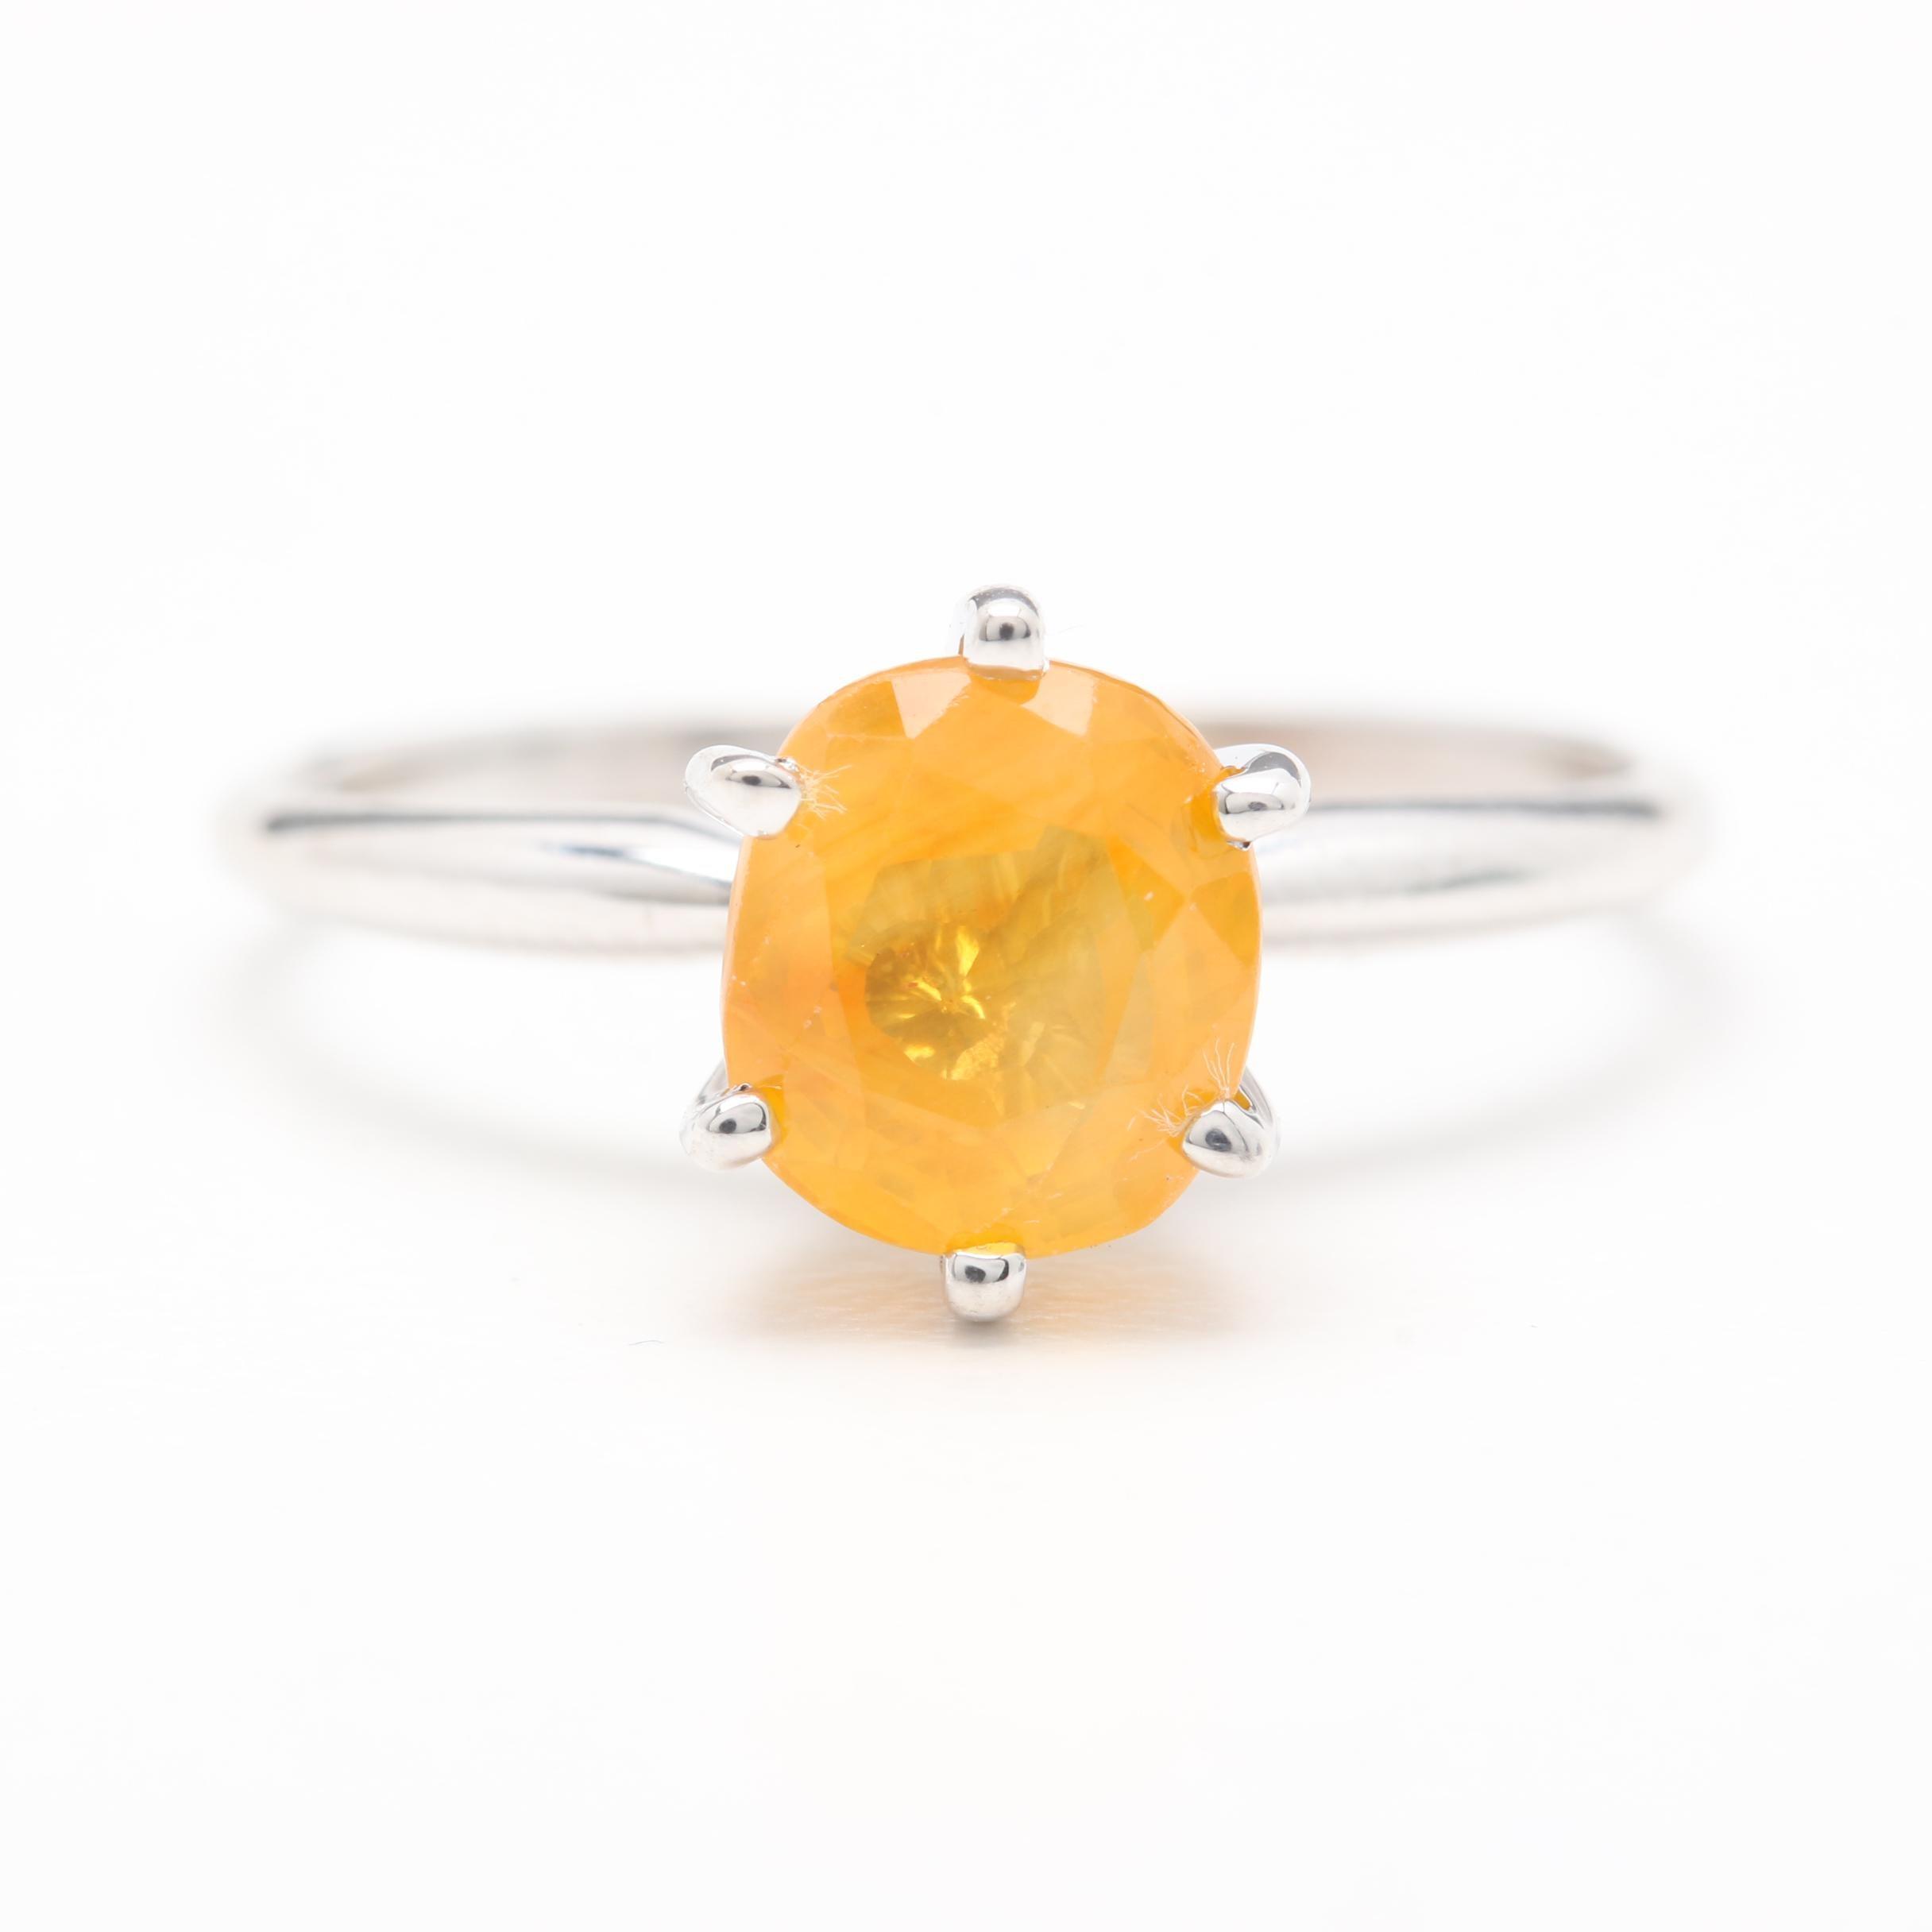 14K White Gold 1.51 CT Yellow Sapphire Ring